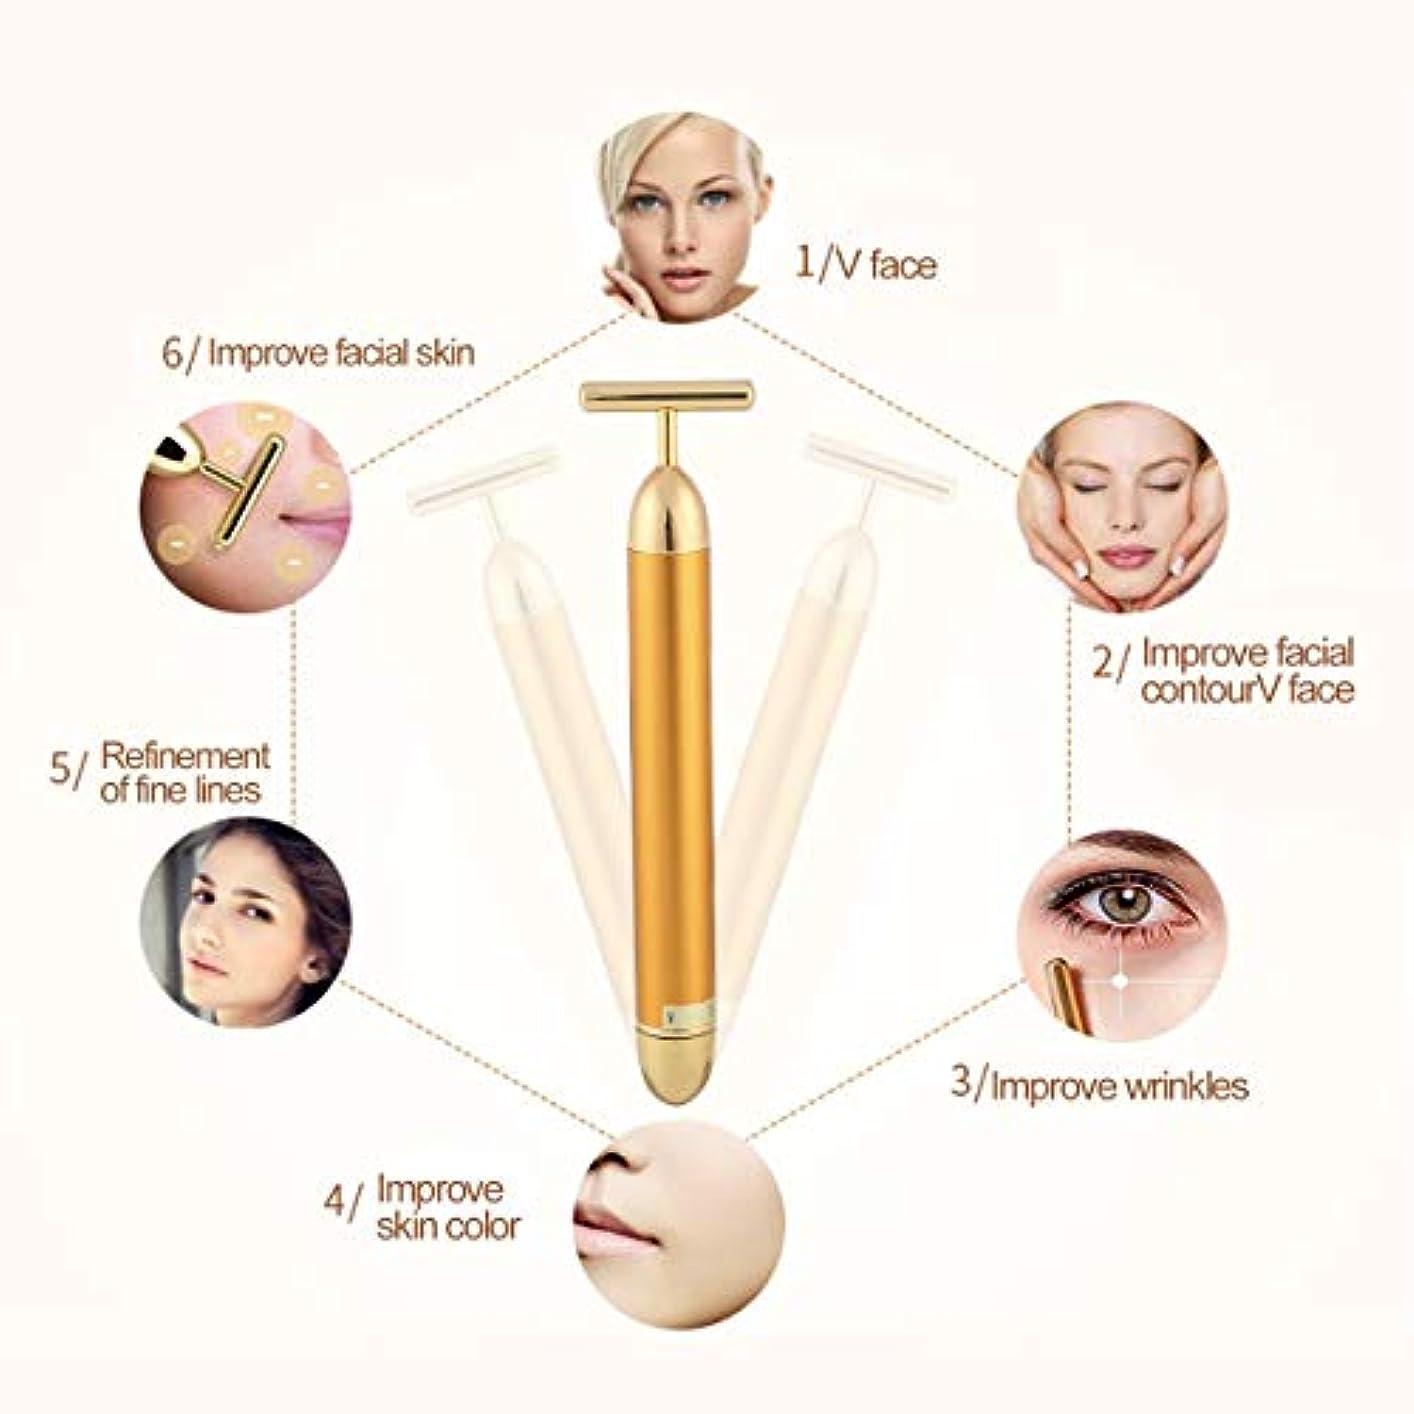 噴火北真面目なEnergy Beauty Tool Facial Massager T Shape Facial Beauty Care Vibration Facial Beauty Massager Energy Vibrating...